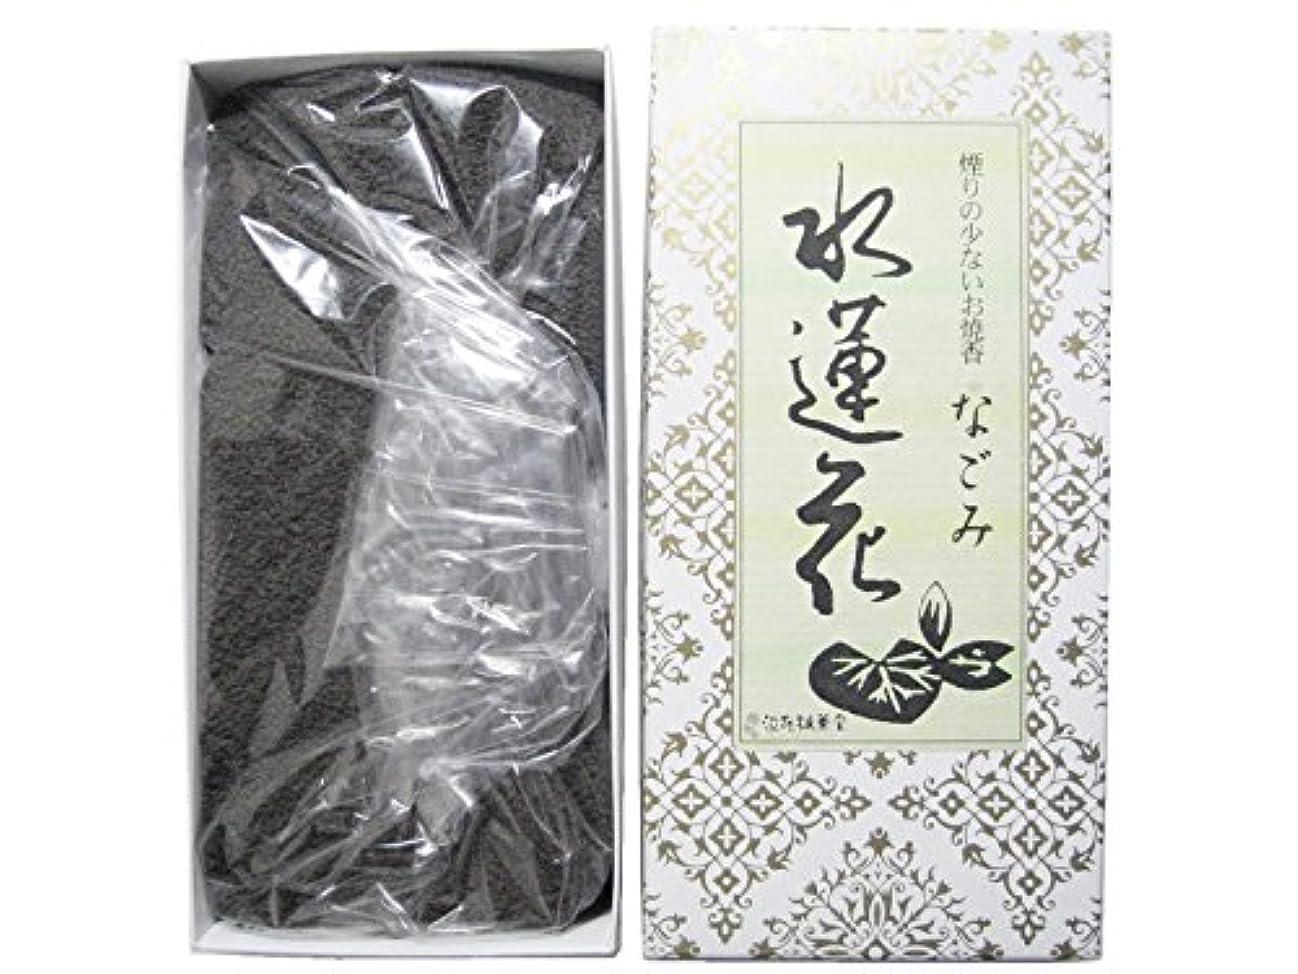 クラフト値するフィルタ淡路梅薫堂のお香 煙の少ないお焼香 なごみ 水蓮花 500g×10箱 #931